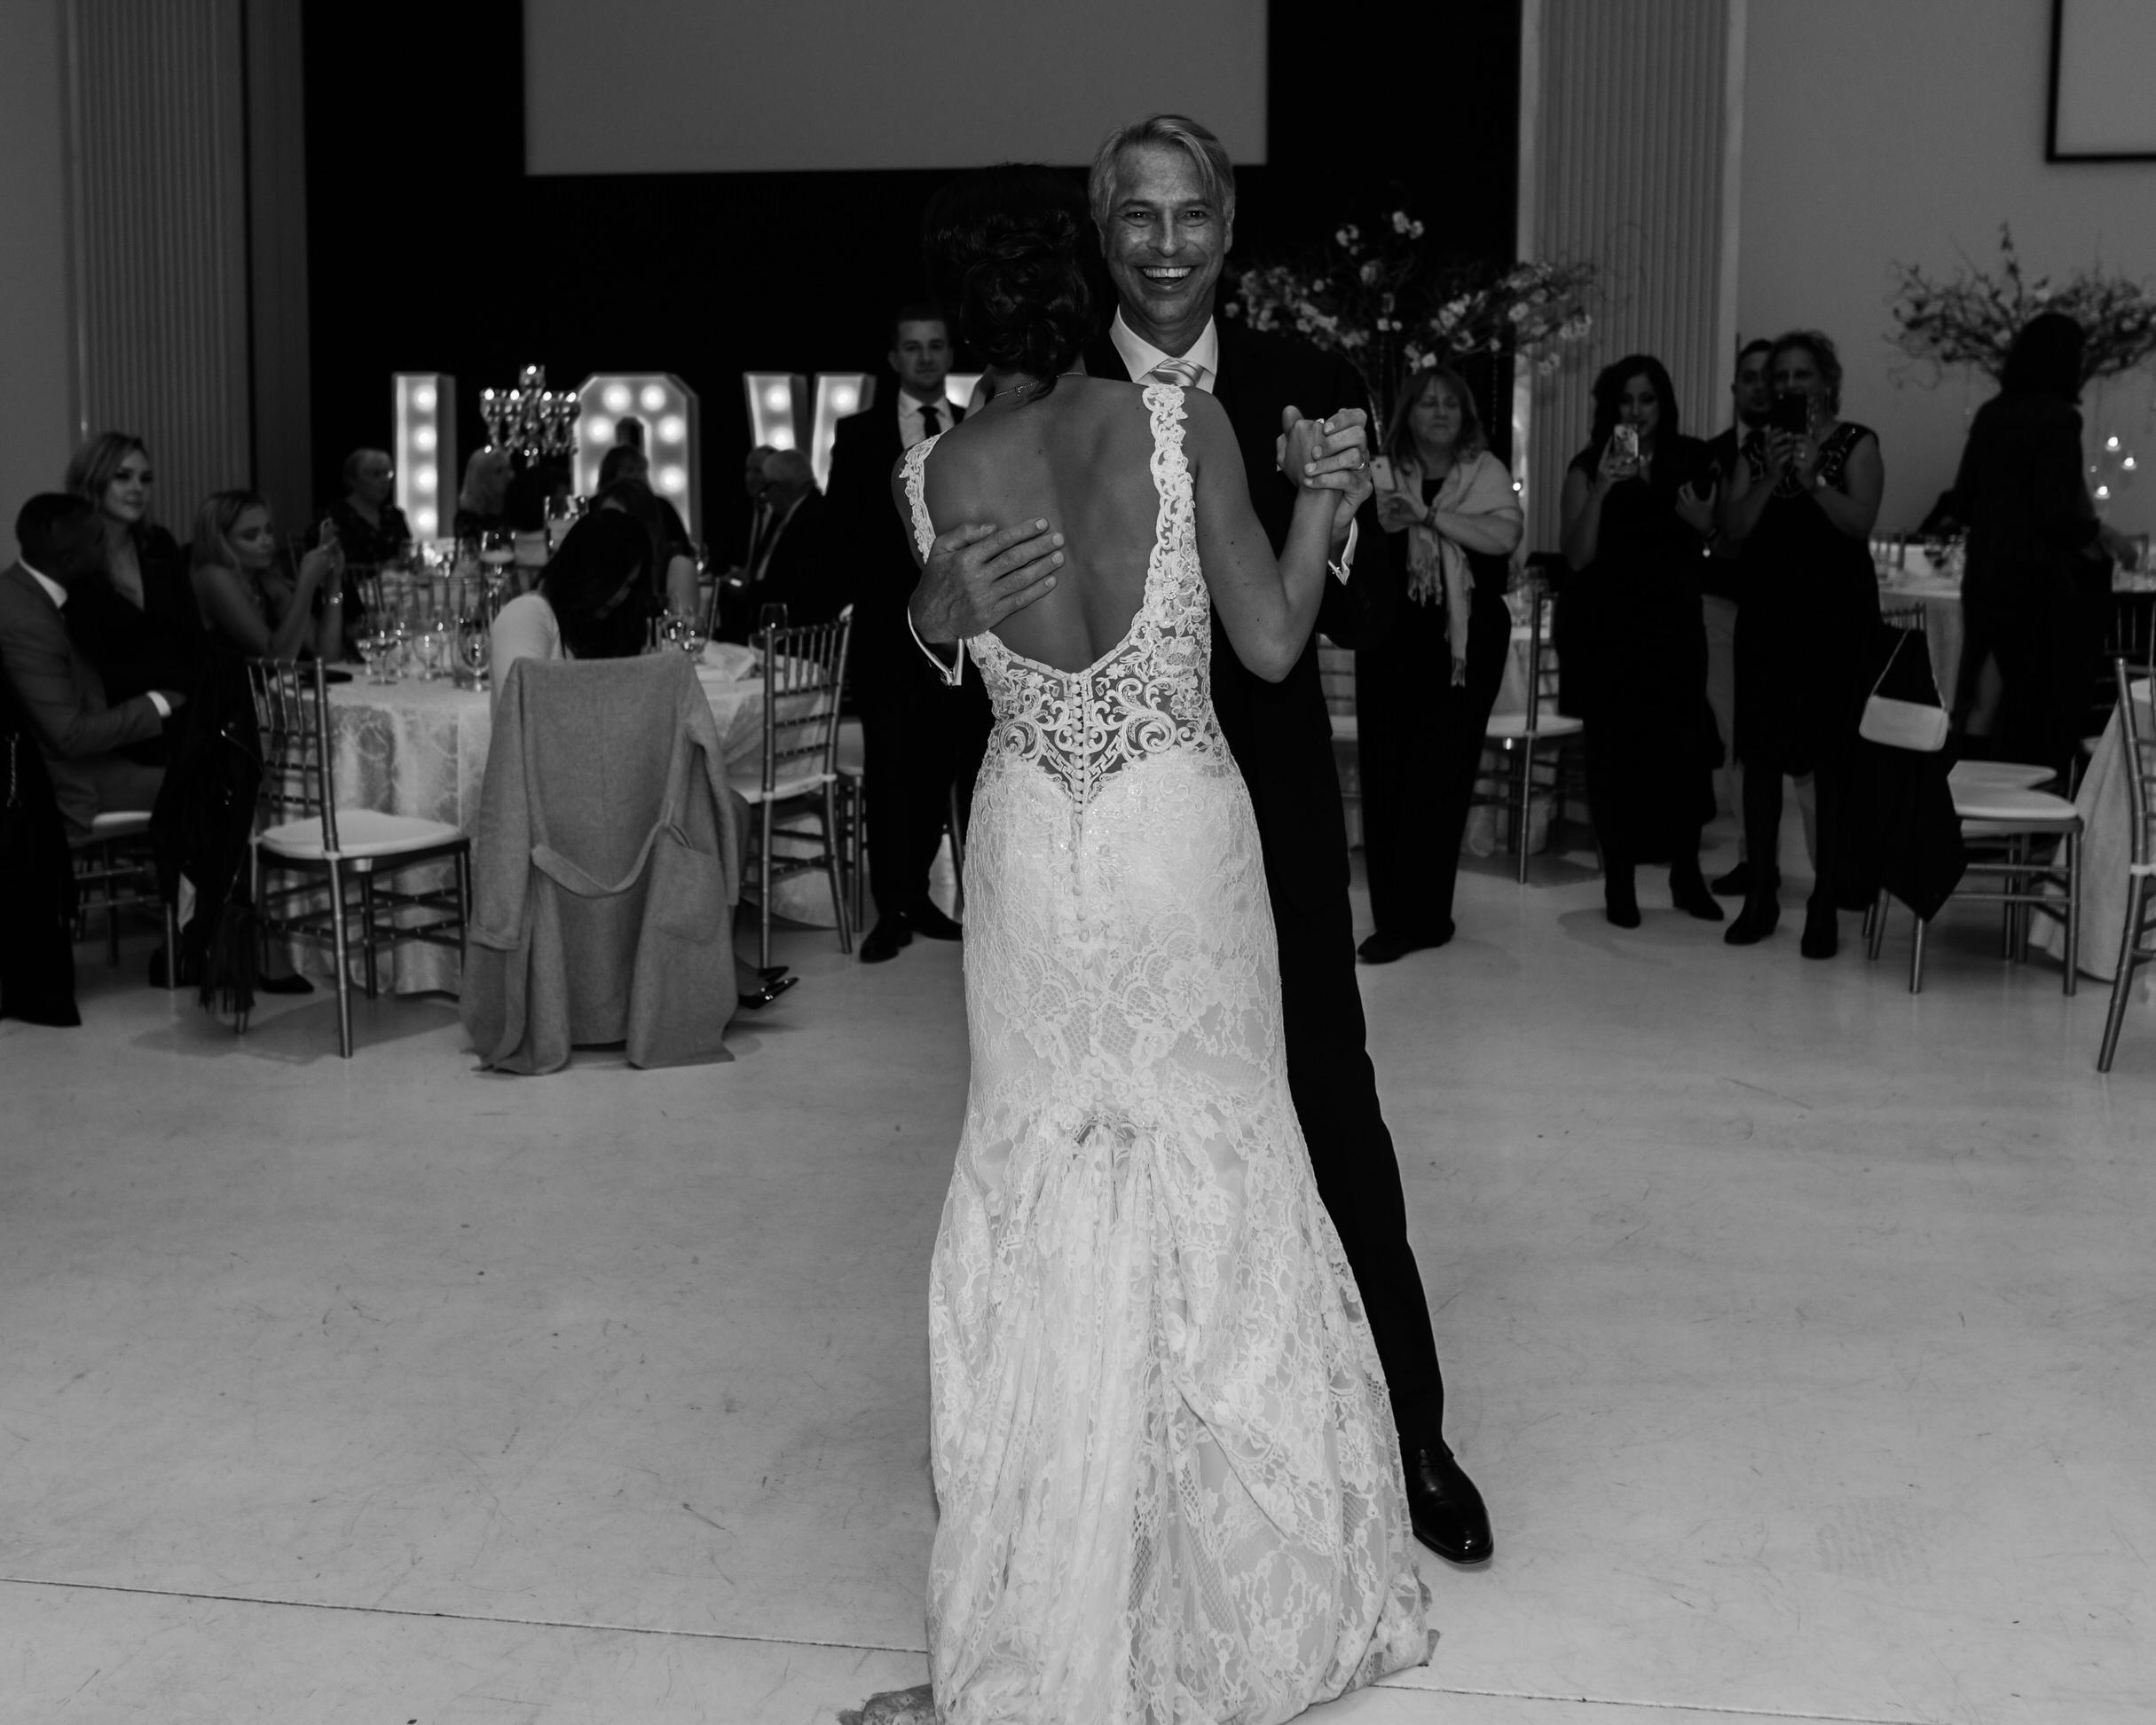 Pitt Meadows Wedding Photographer - Sky Hangar Wedding Photos - Vancouver Wedding Photographer & Videographer - Sunshine Coast Wedding Photos - Sunshine Coast Wedding Photographer - Jennifer Picard Photography - 1A5A6719-2.jpg